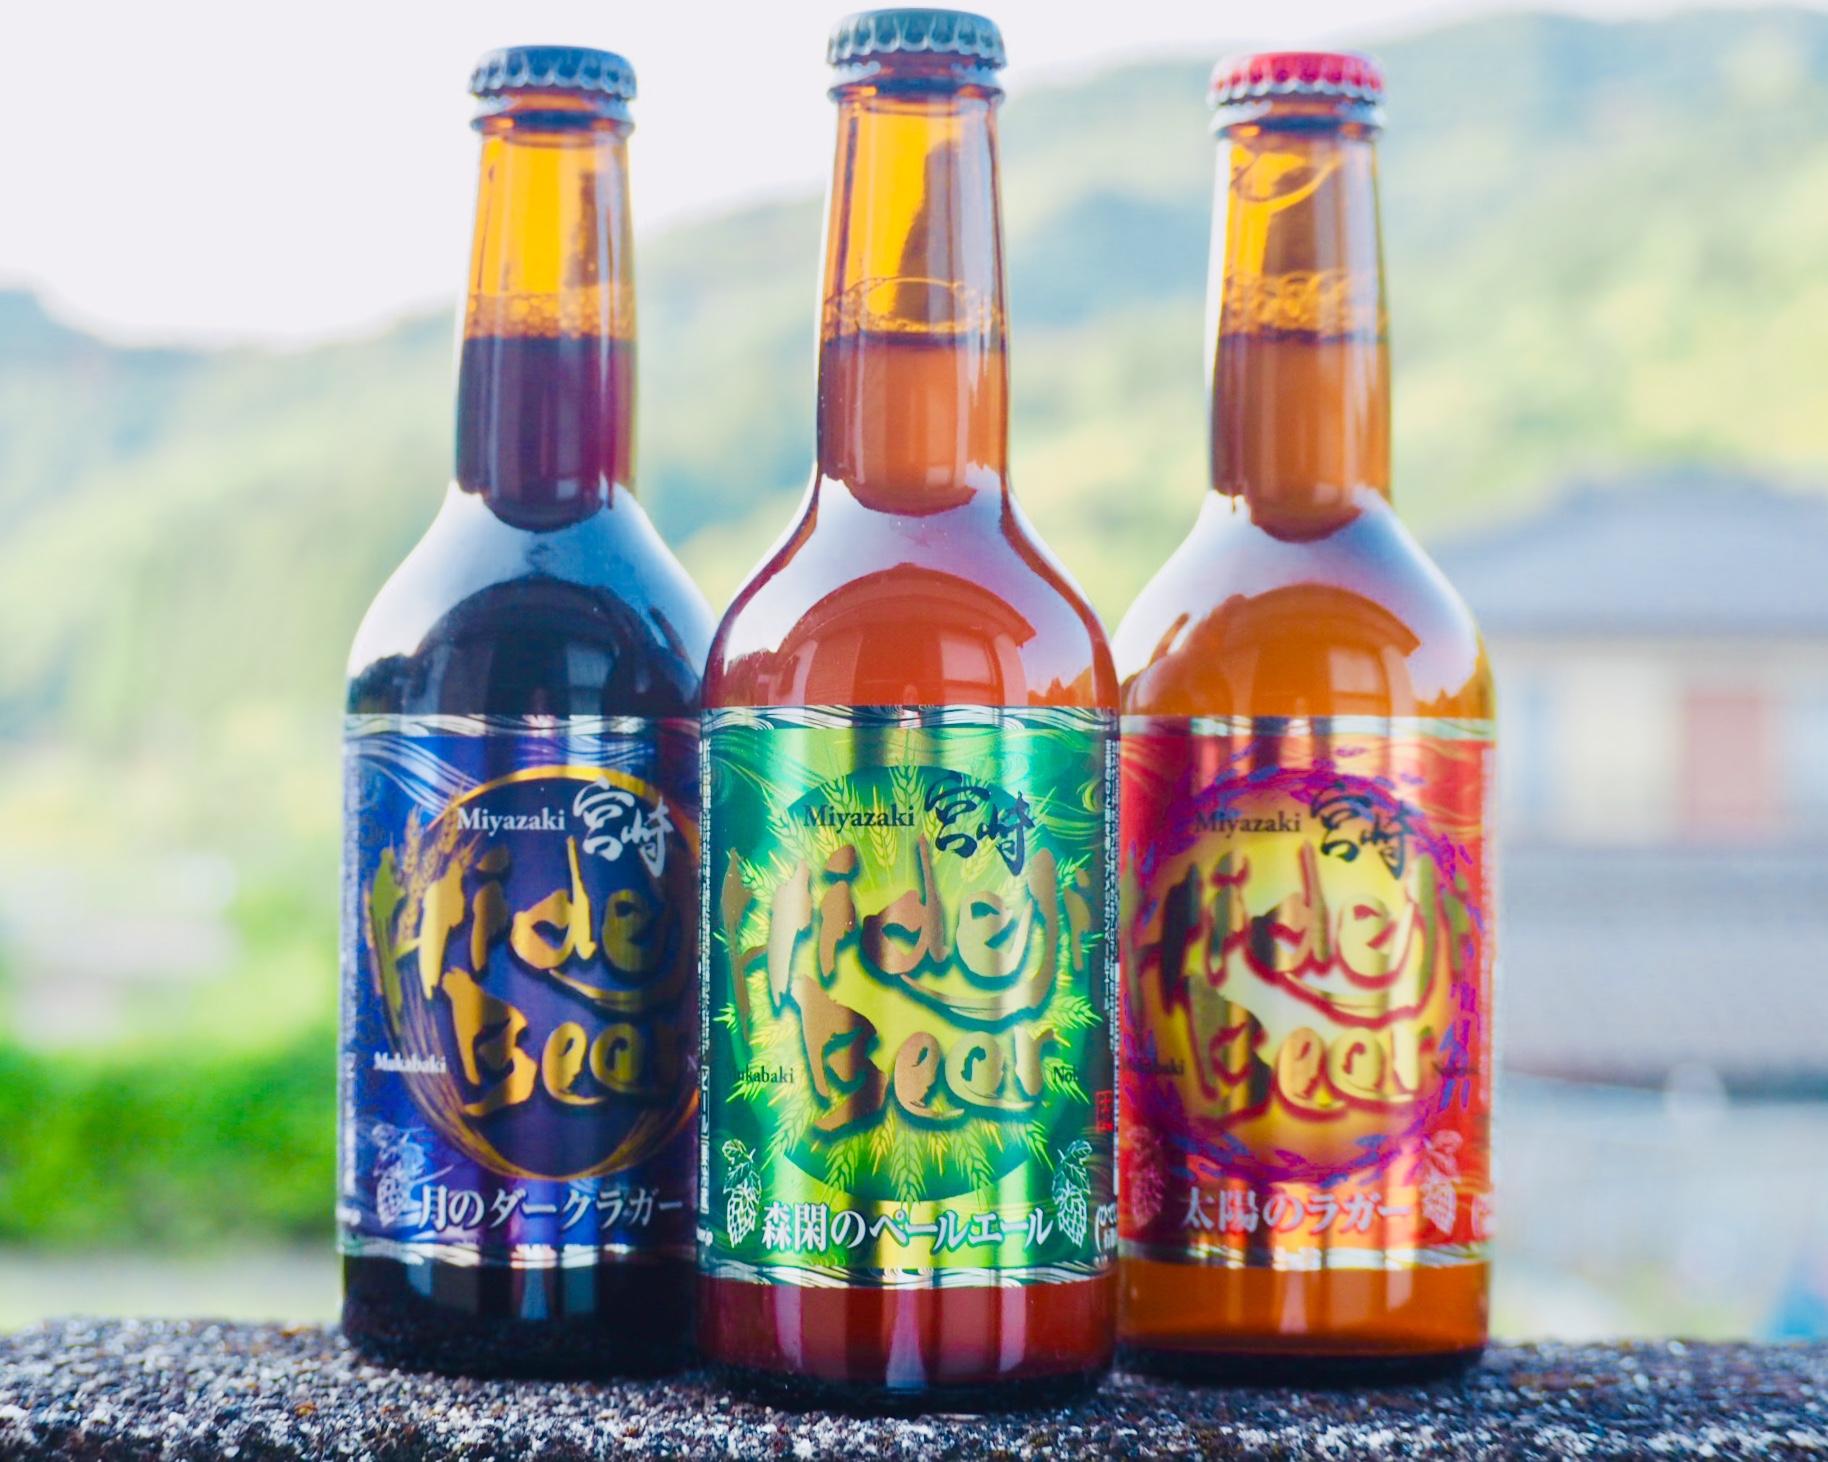 延岡の地酒「ひでじビール」